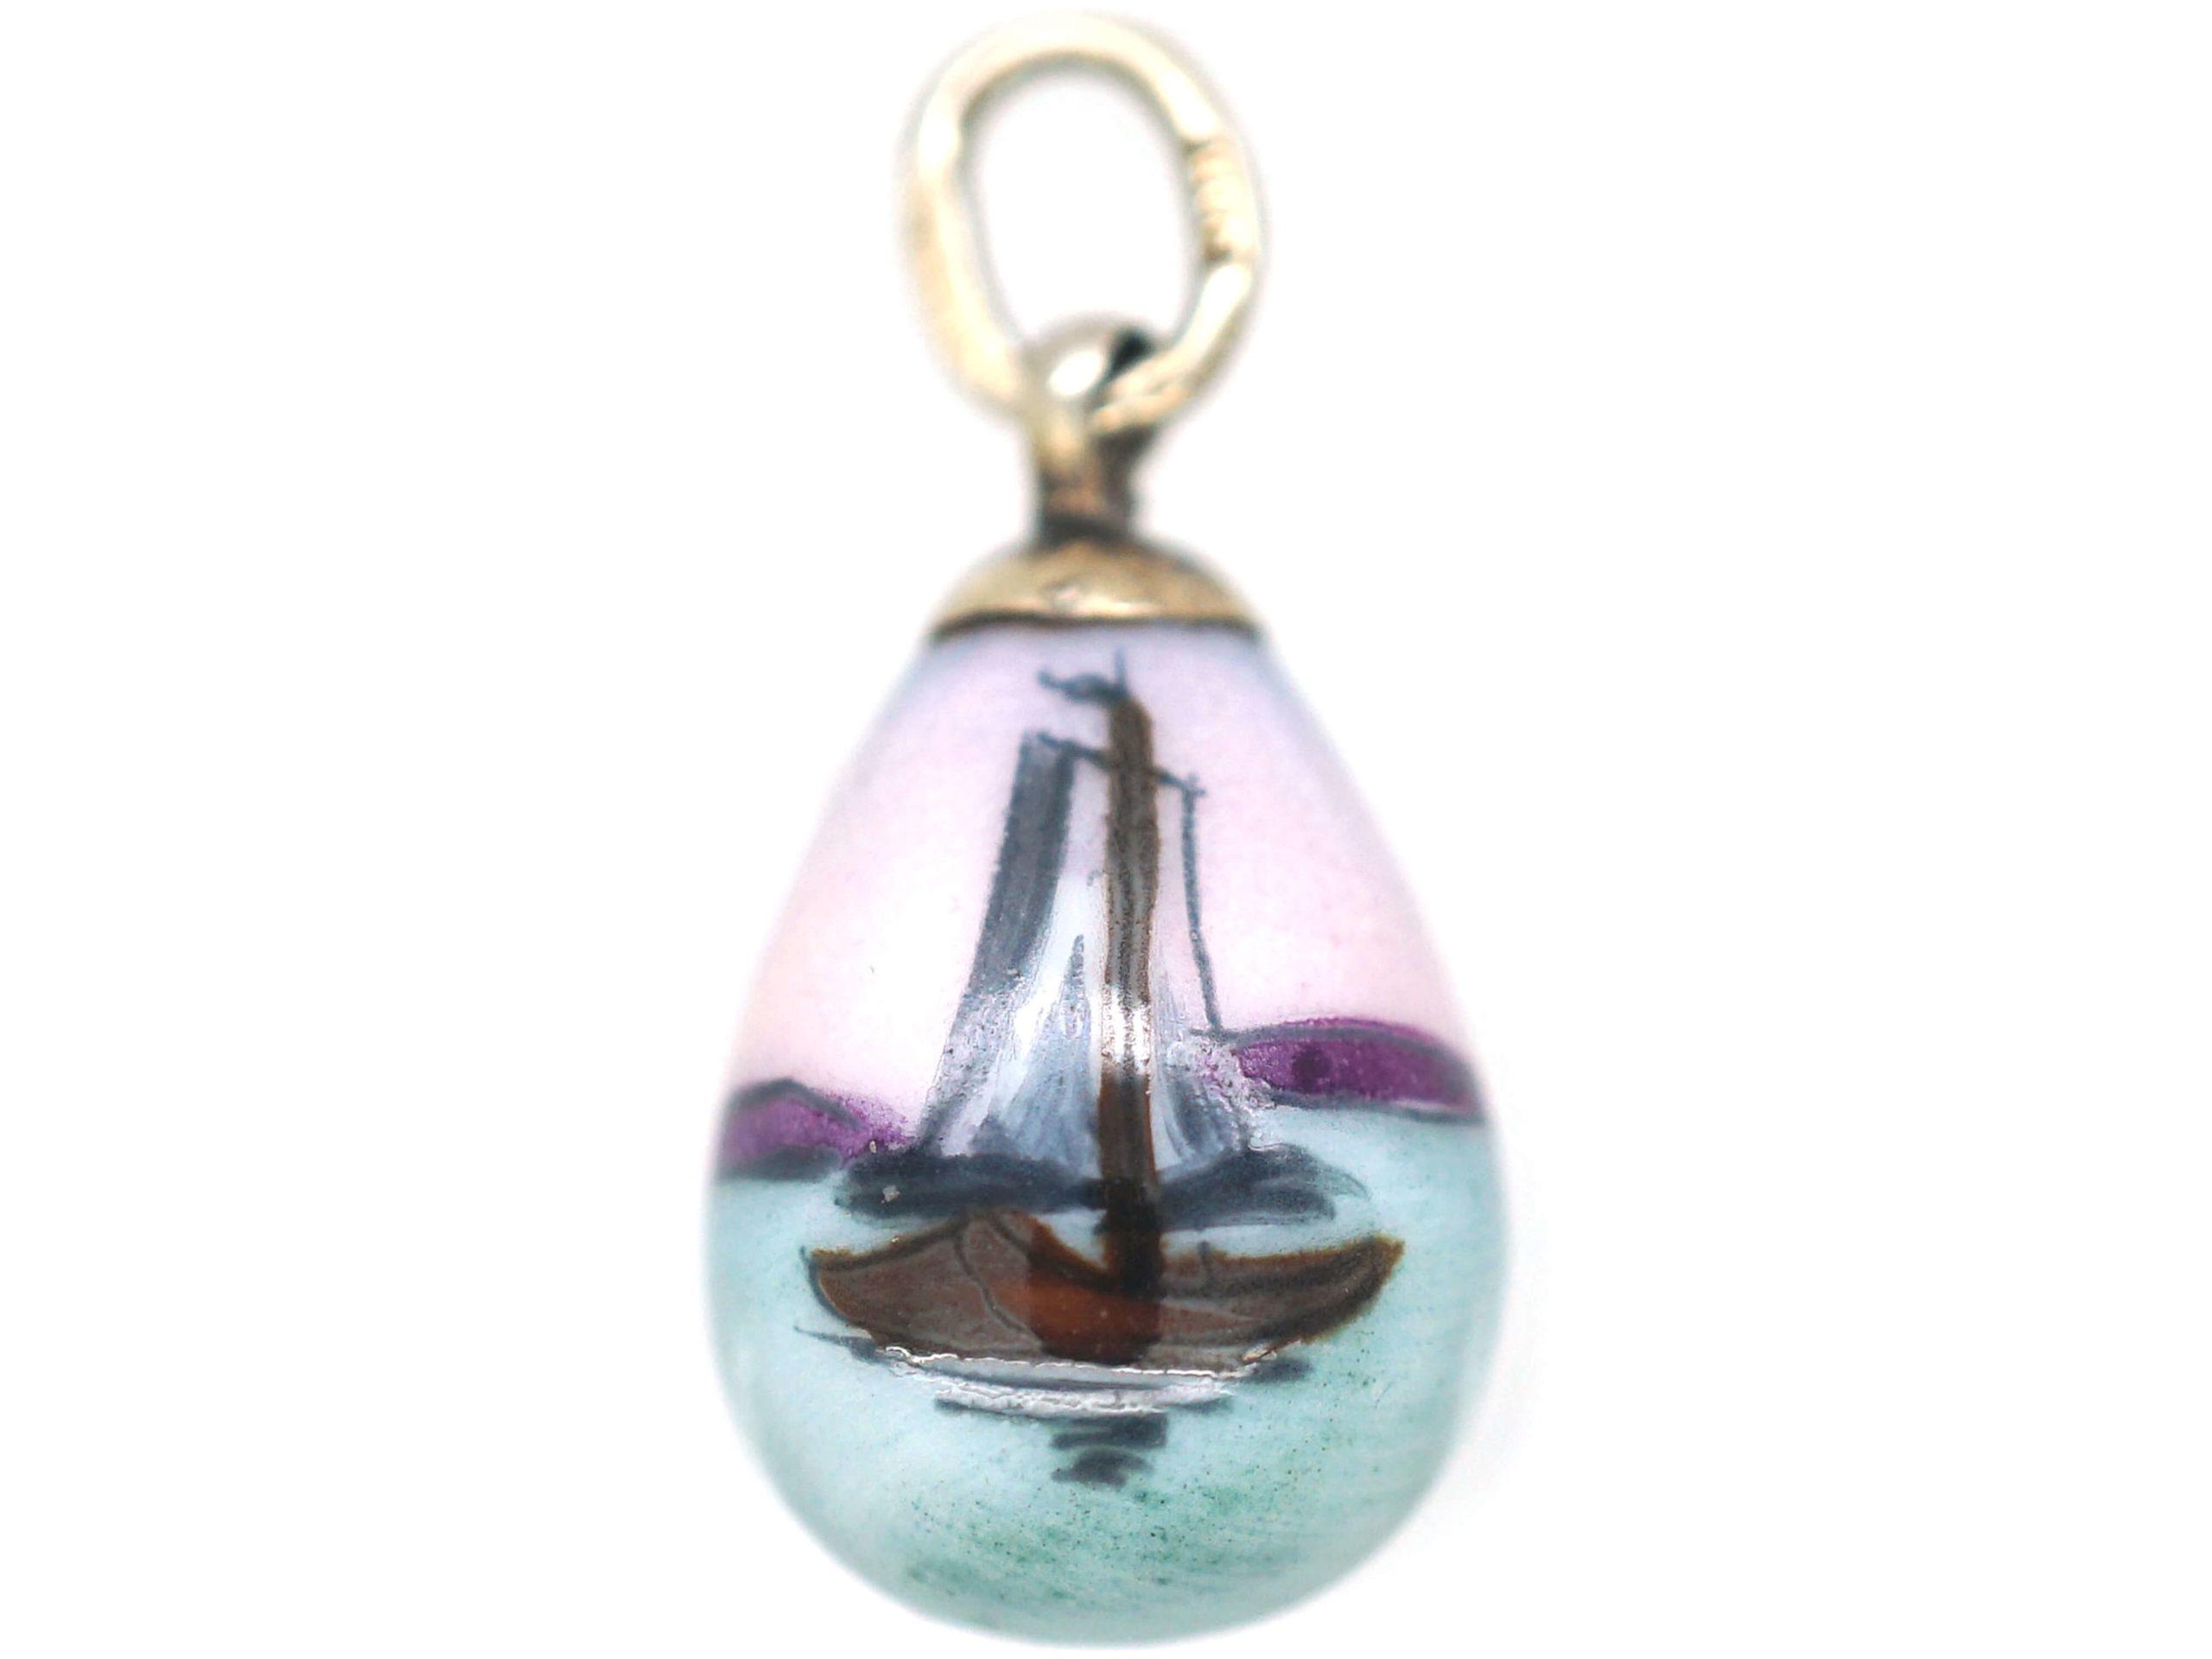 Russian Silver & Enamel Egg of a Boat & Windmill